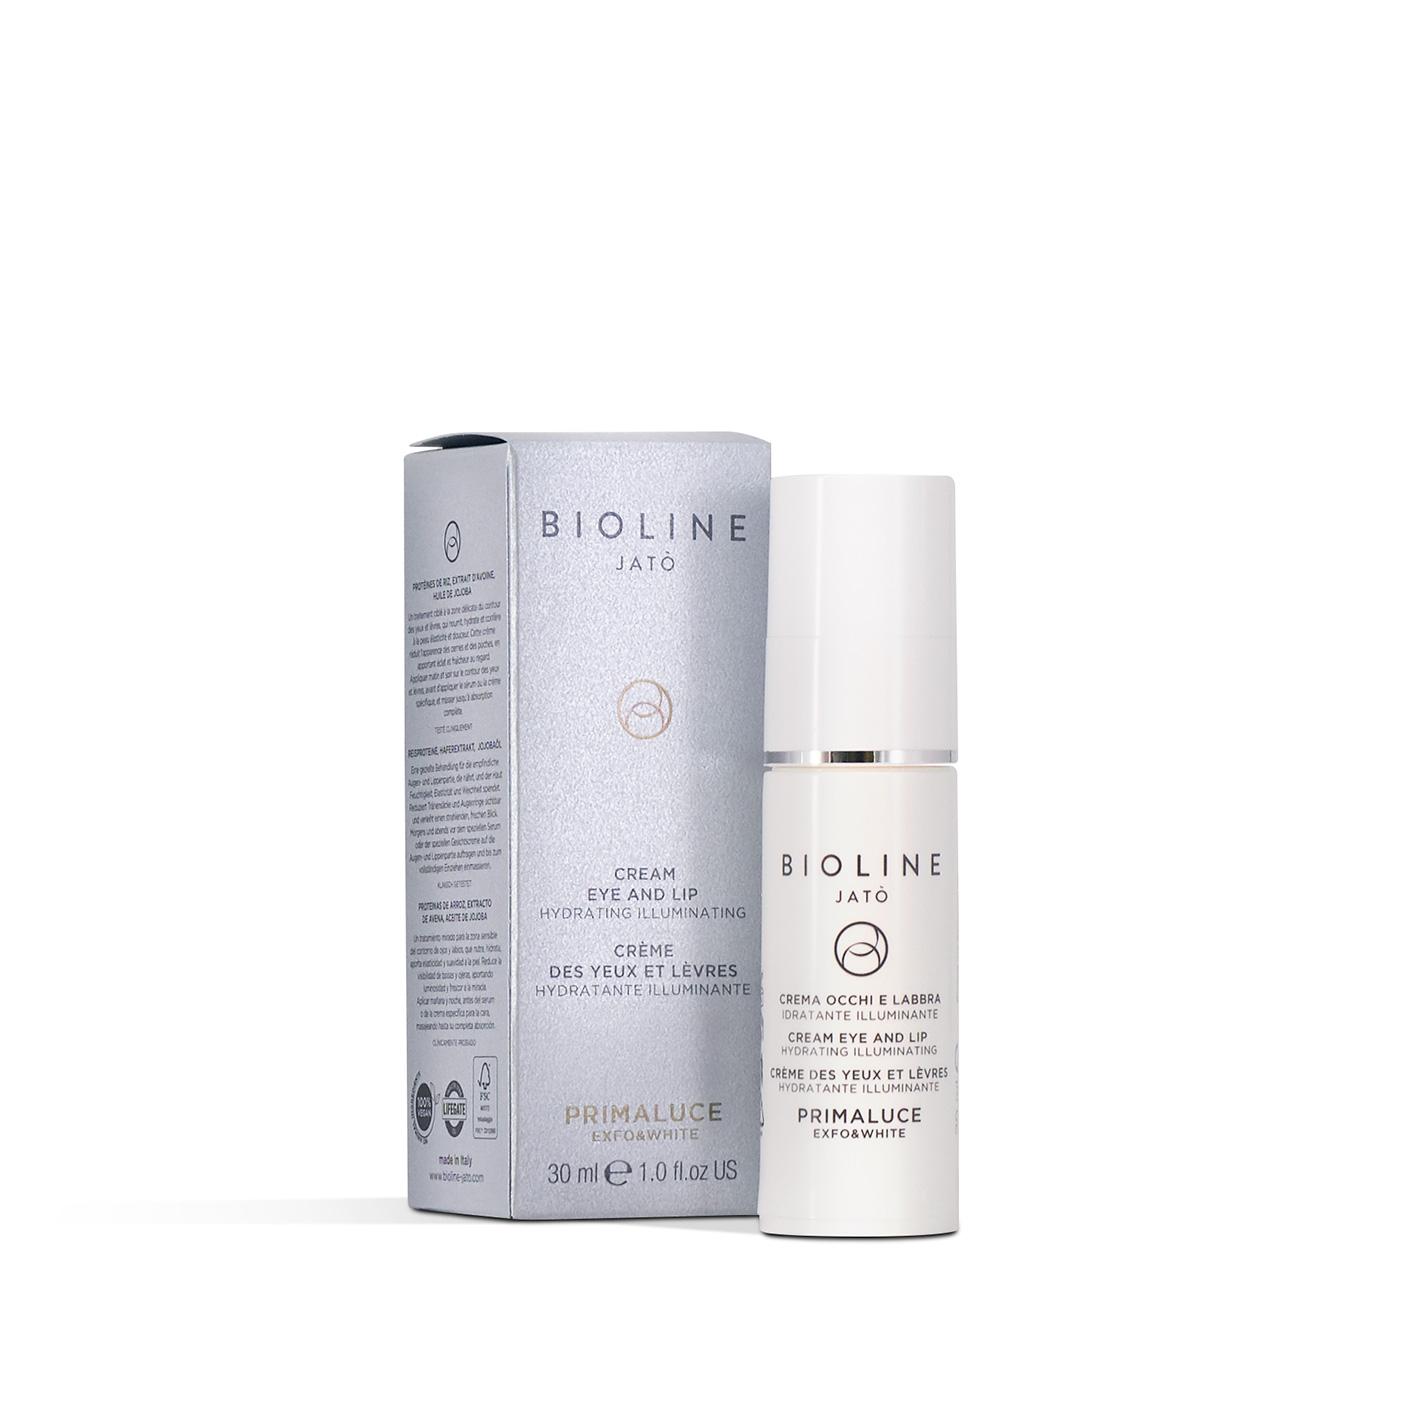 Primaluce Exfo&White - Cream Eye and Lip Hydrating Illuminating